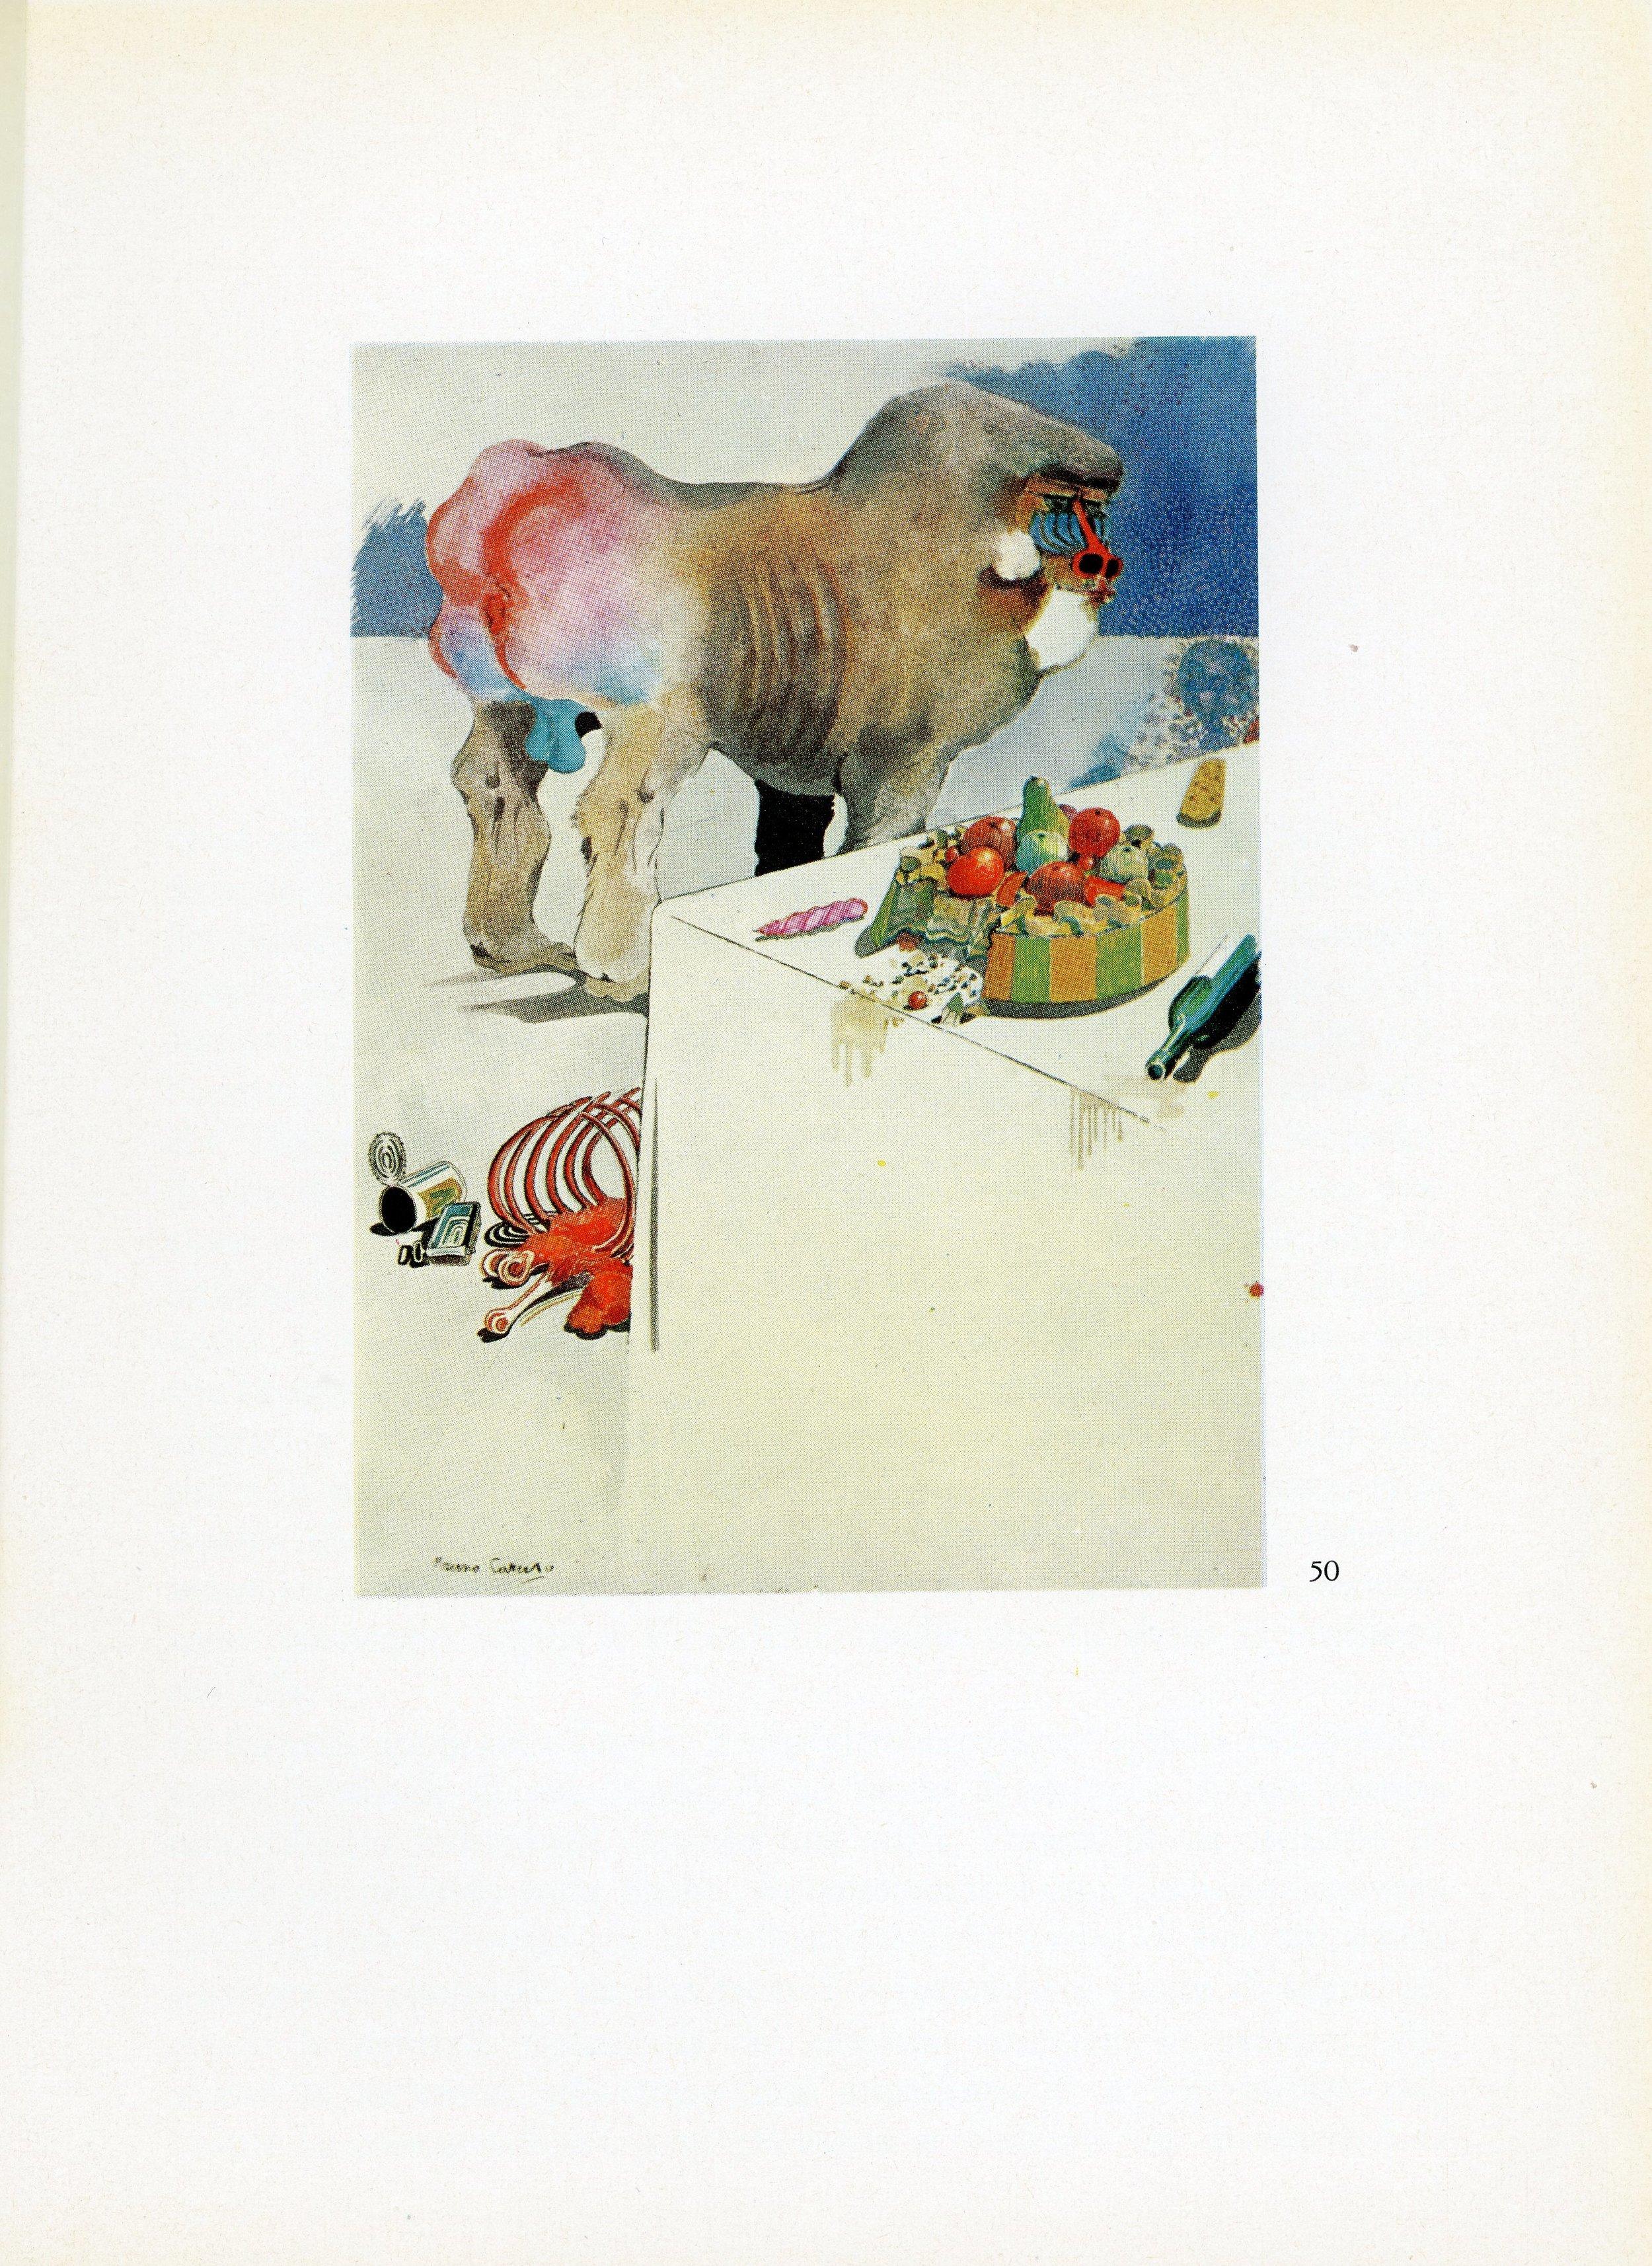 1968-04-Il Gabbiano - Bruno Caruso_03.jpg